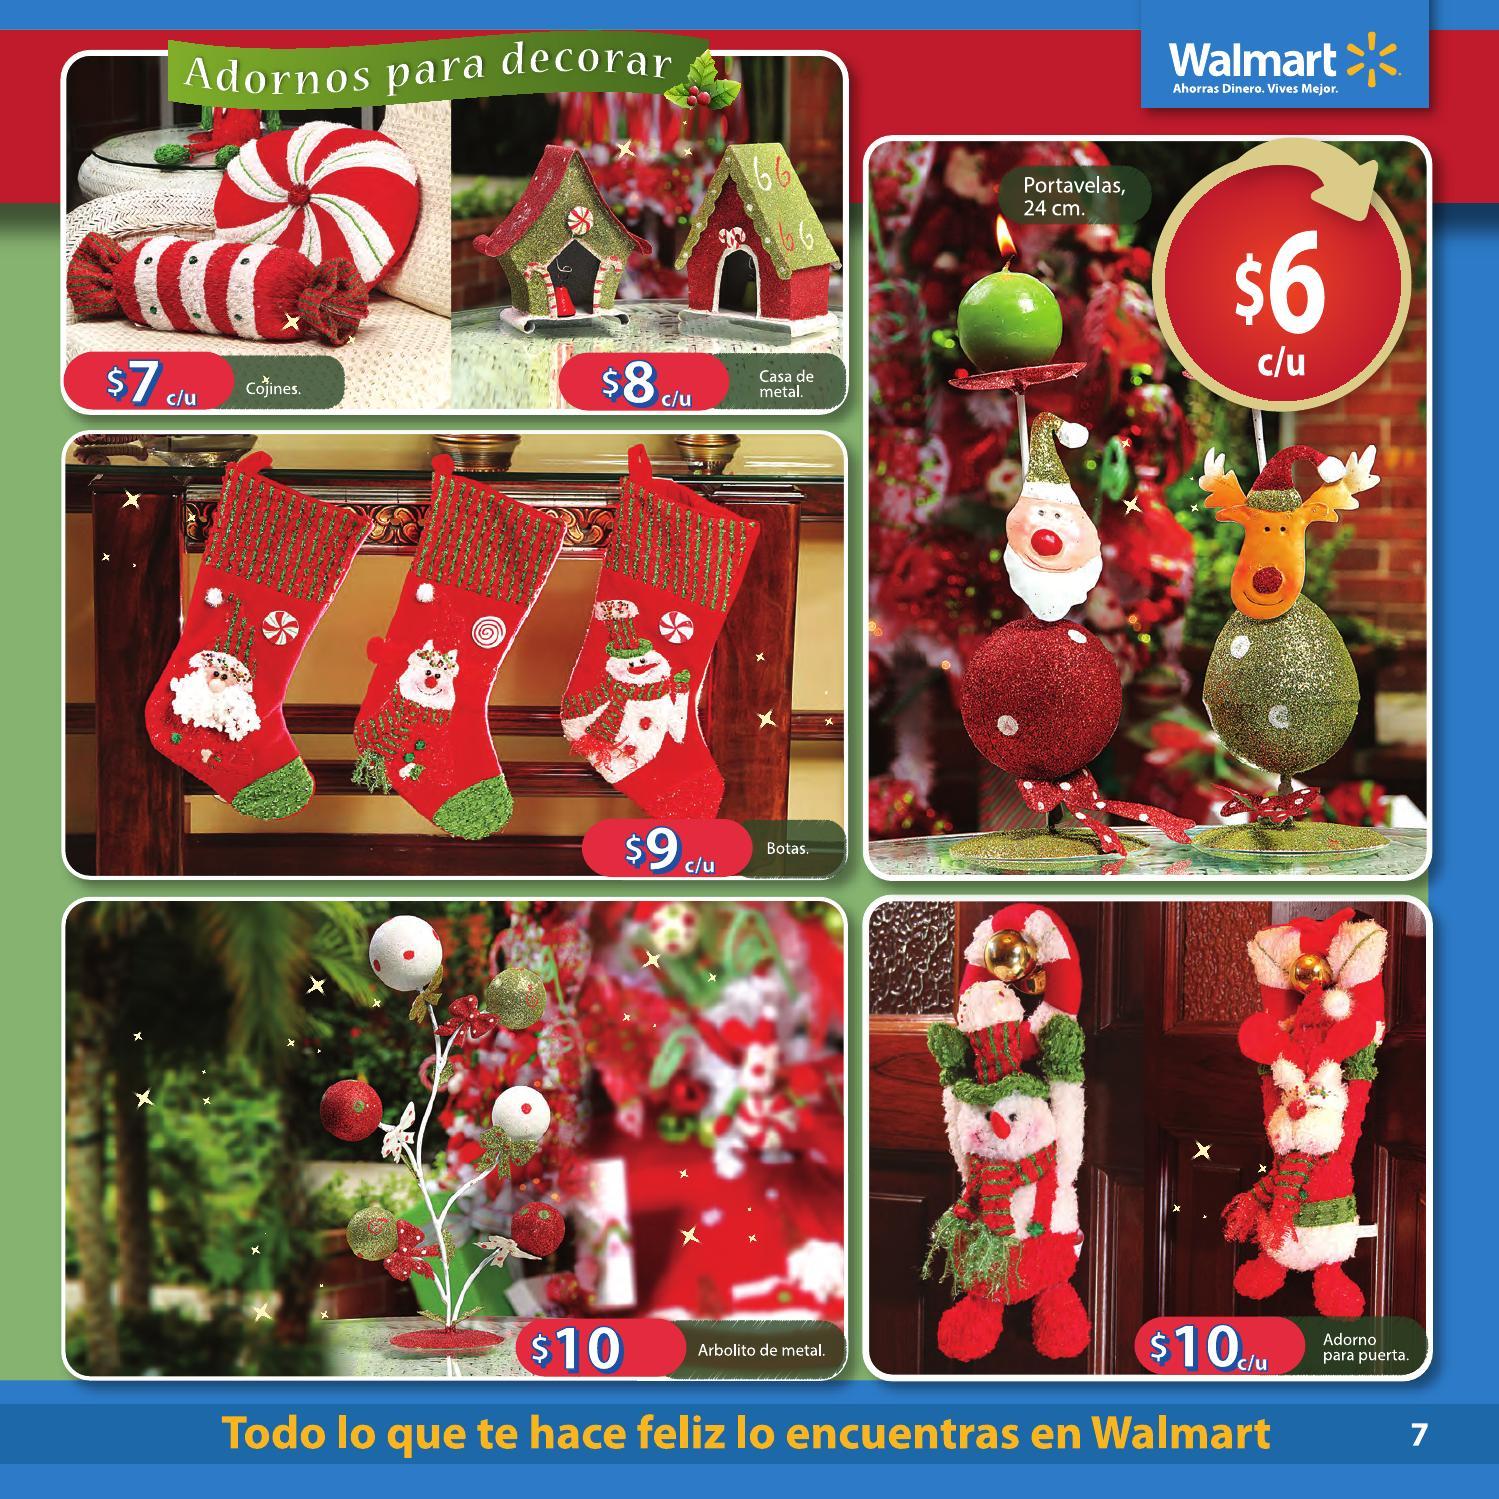 decoracion navide a walmart 2013 pag7 ofertas ahora